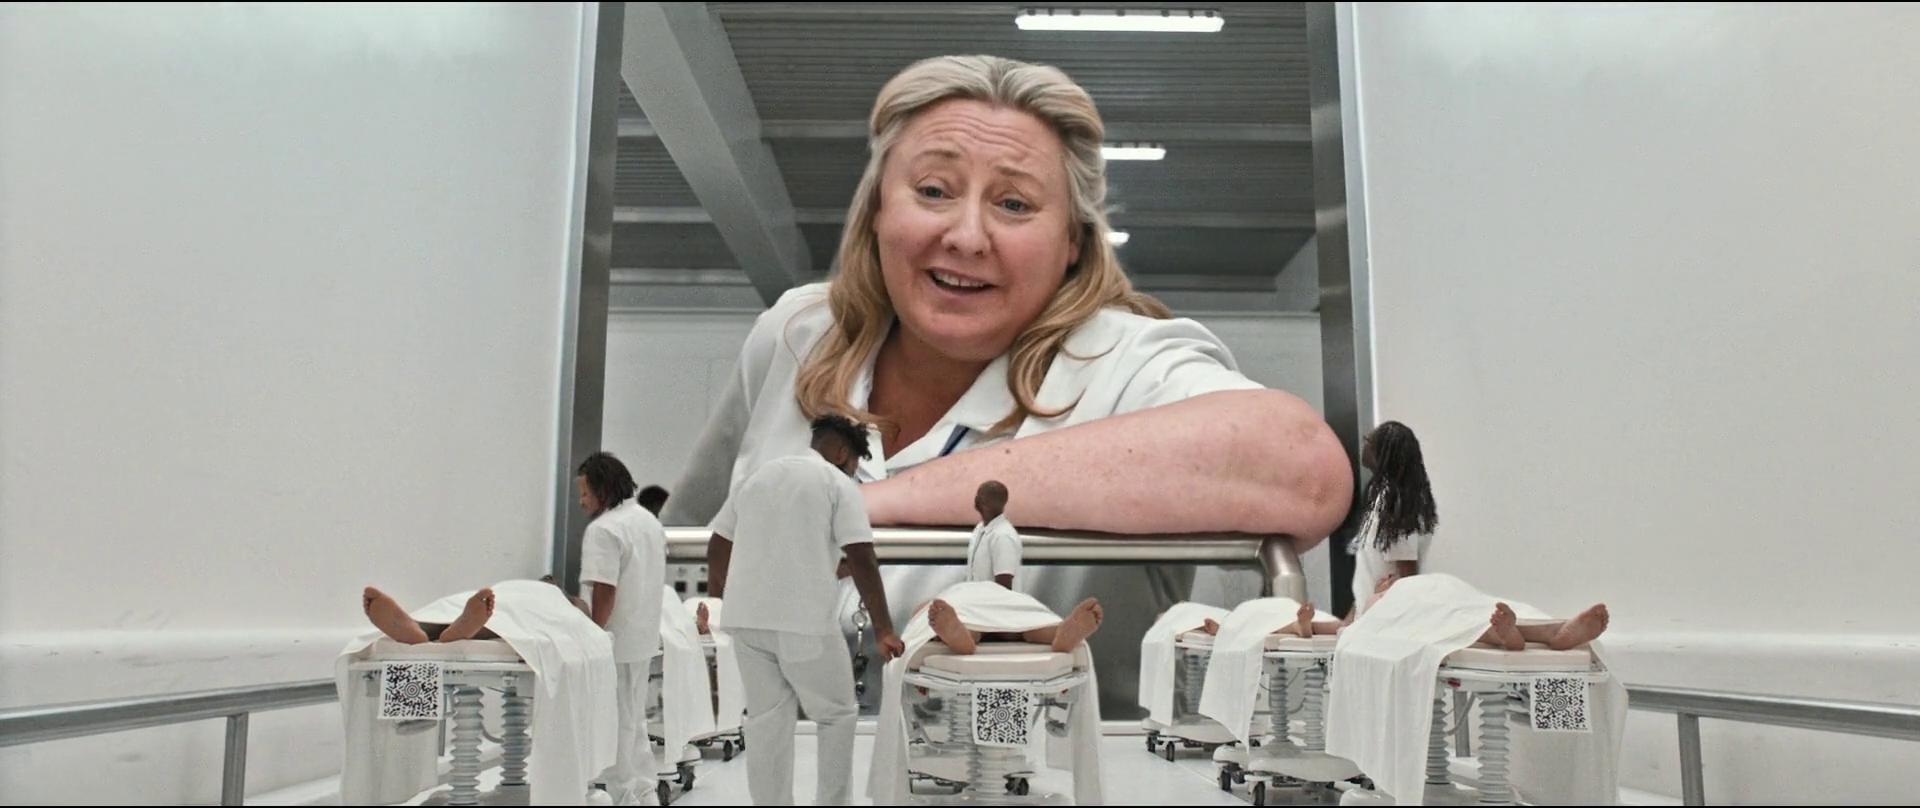 Downsizing big nurse lady